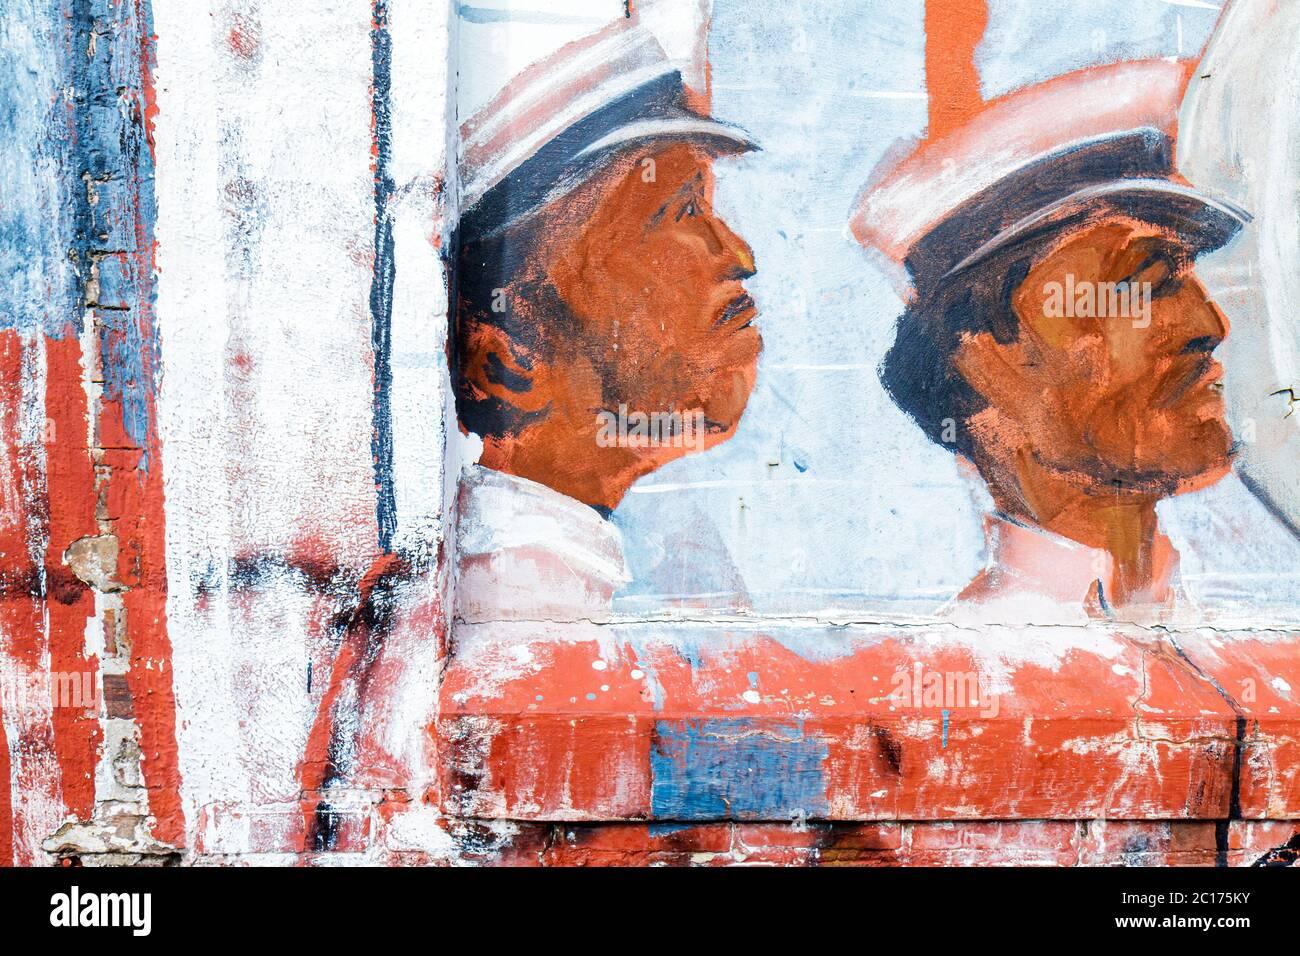 Louisiana, LA, Sud, Orleans Parish, New Orleans, Warehouse District, murales, pittura, Black male, cappello, profilo, dettaglio, primo piano, arte, sightsee Foto Stock